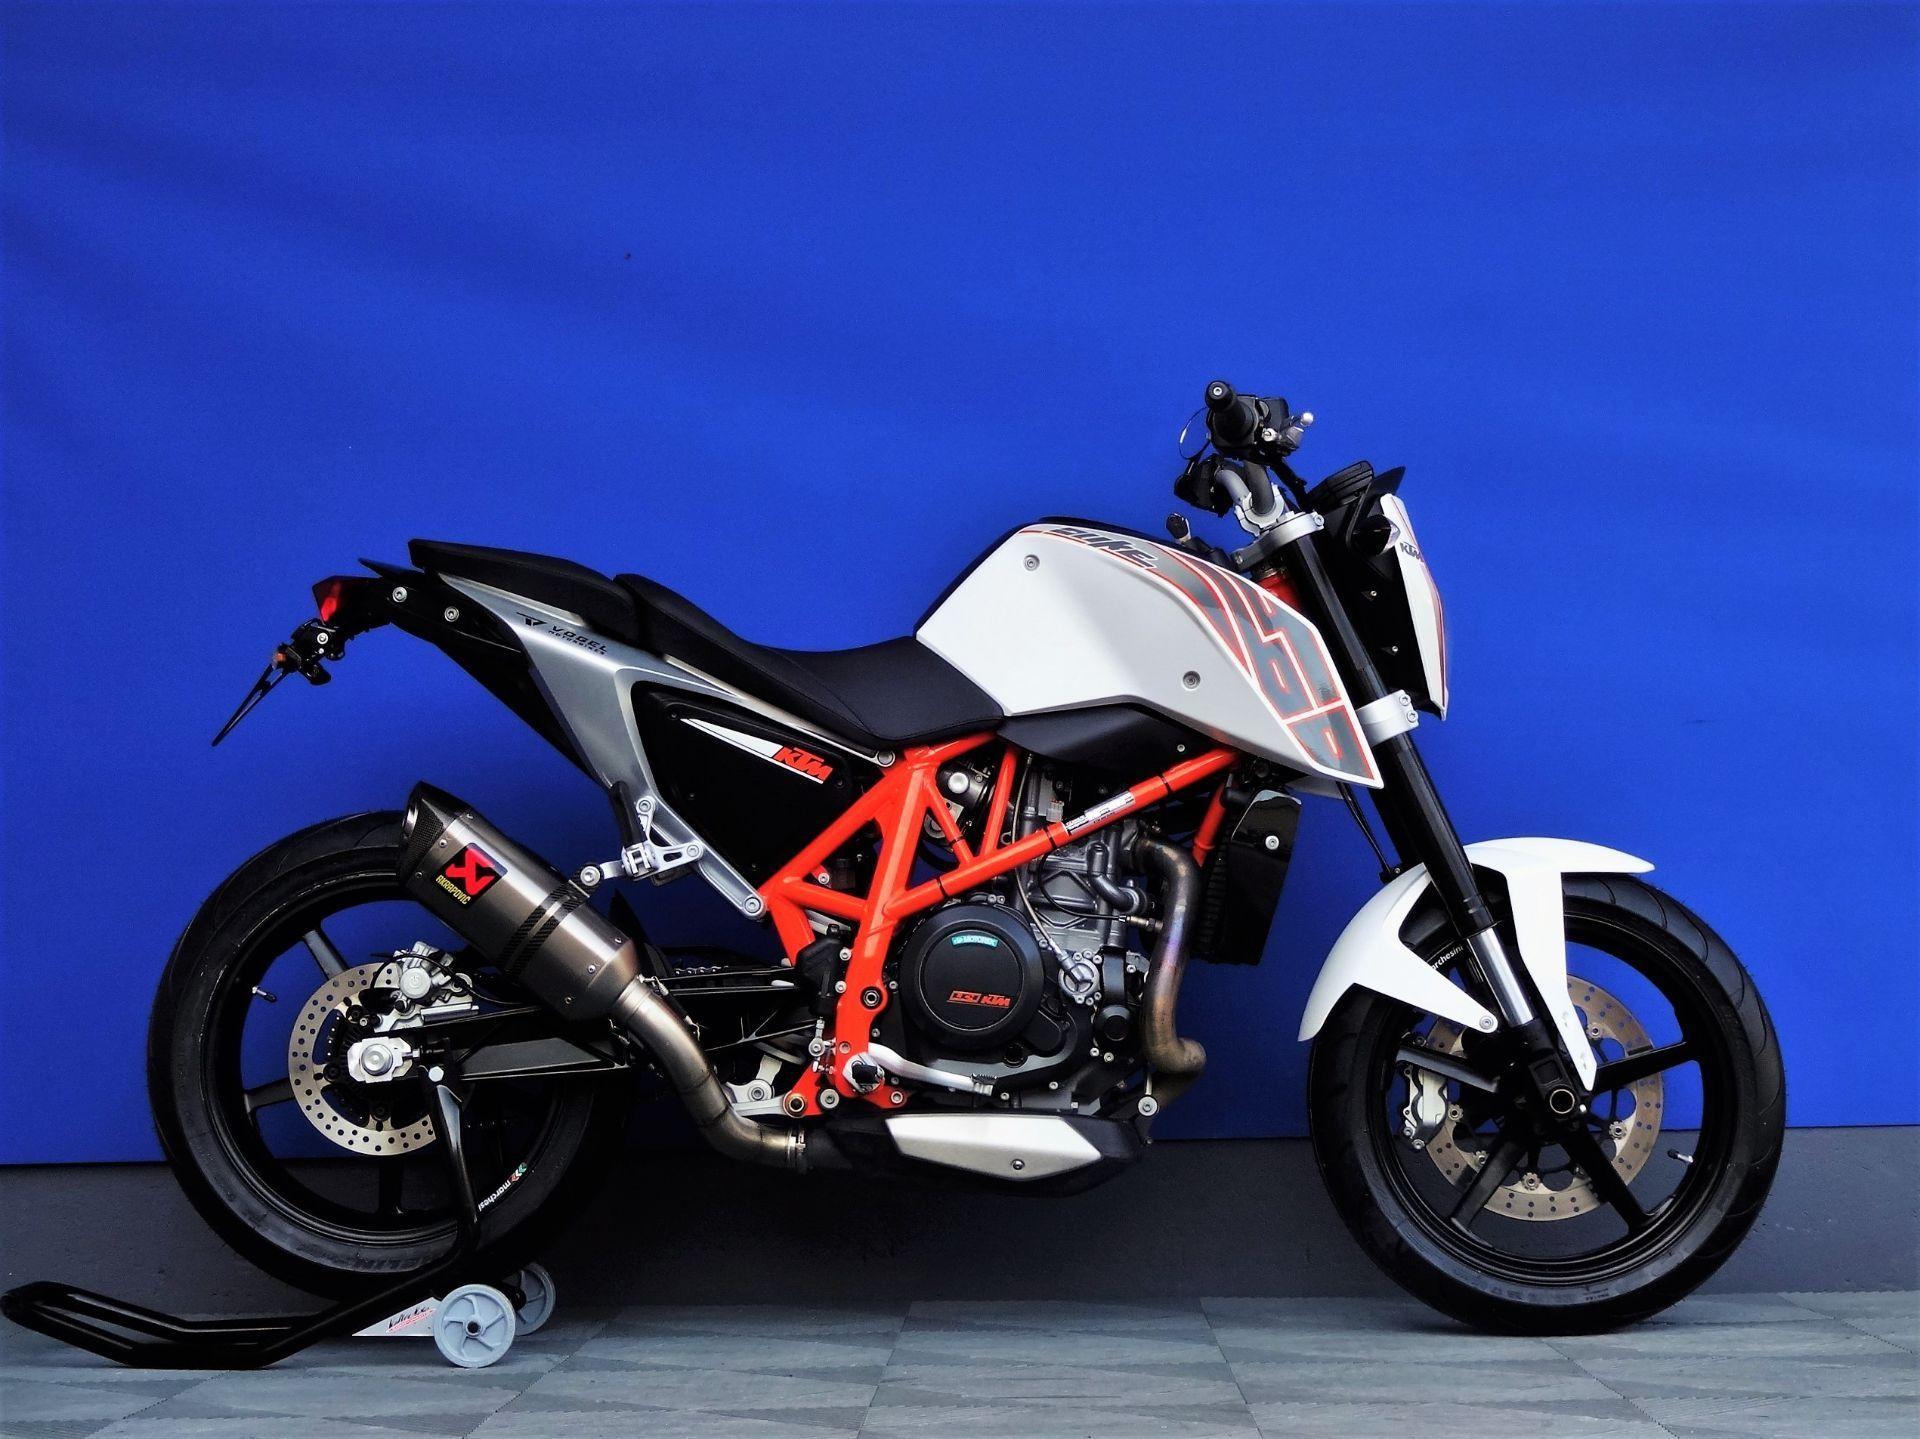 motorrad occasion kaufen ktm 690 duke akrapovic vogel motorbikes sch pfheim. Black Bedroom Furniture Sets. Home Design Ideas